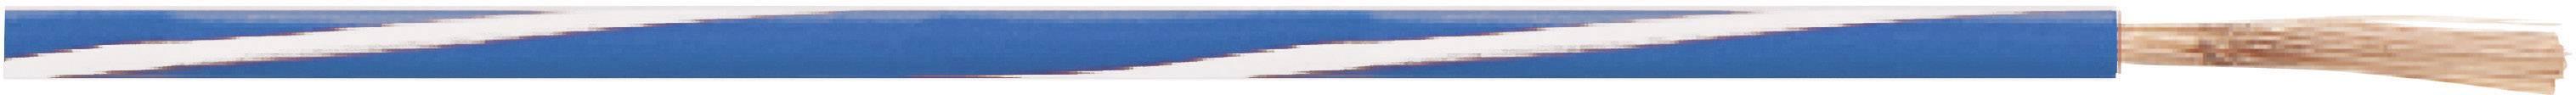 Opletenie / lanko LappKabel 4512251S X05V-K, 1 x 0.50 mm², vonkajší Ø 2.10 mm, metrový tovar, modrá, červená